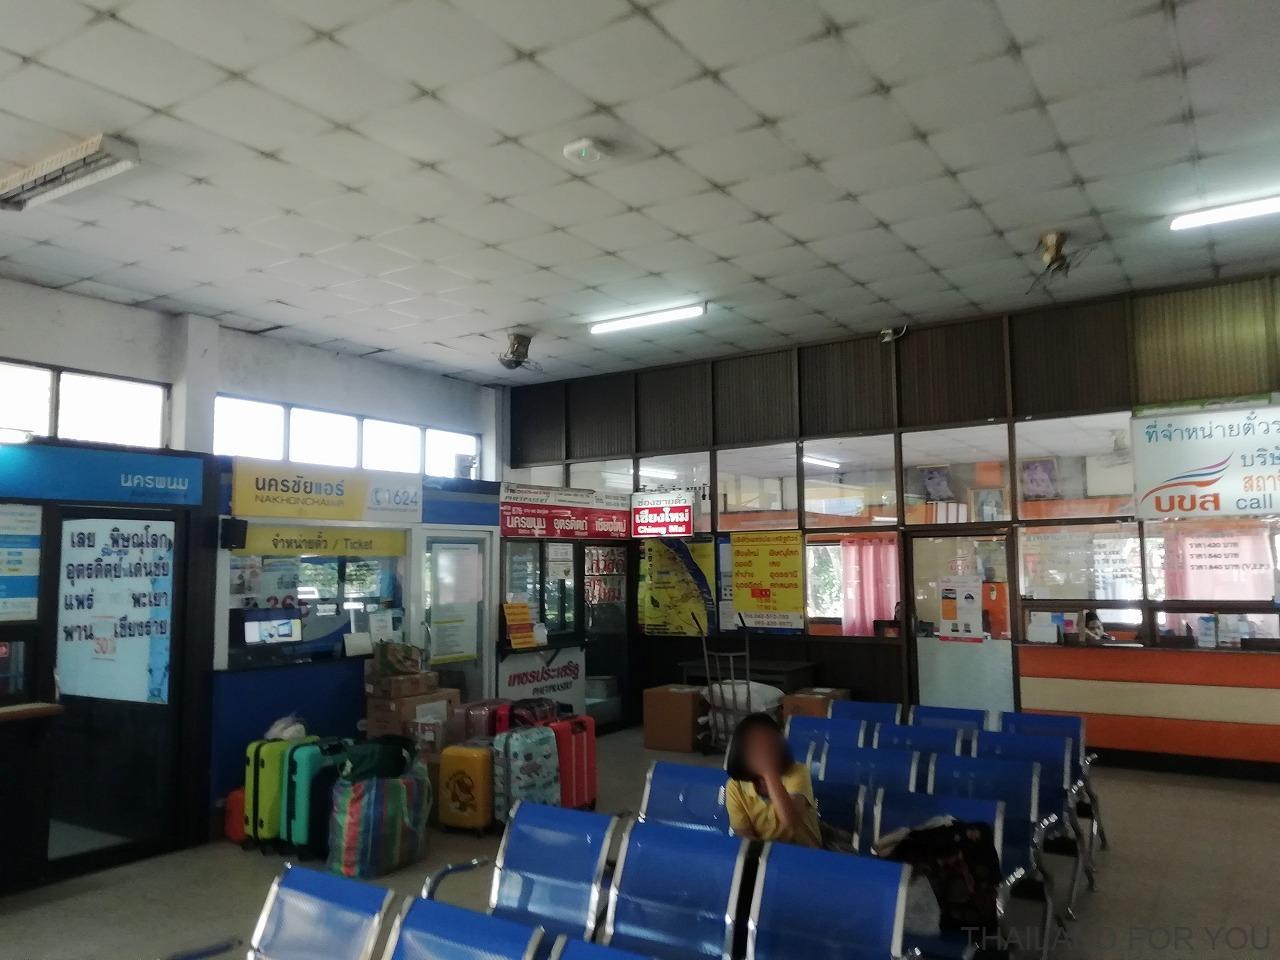 ナコンパノム バスターミナル